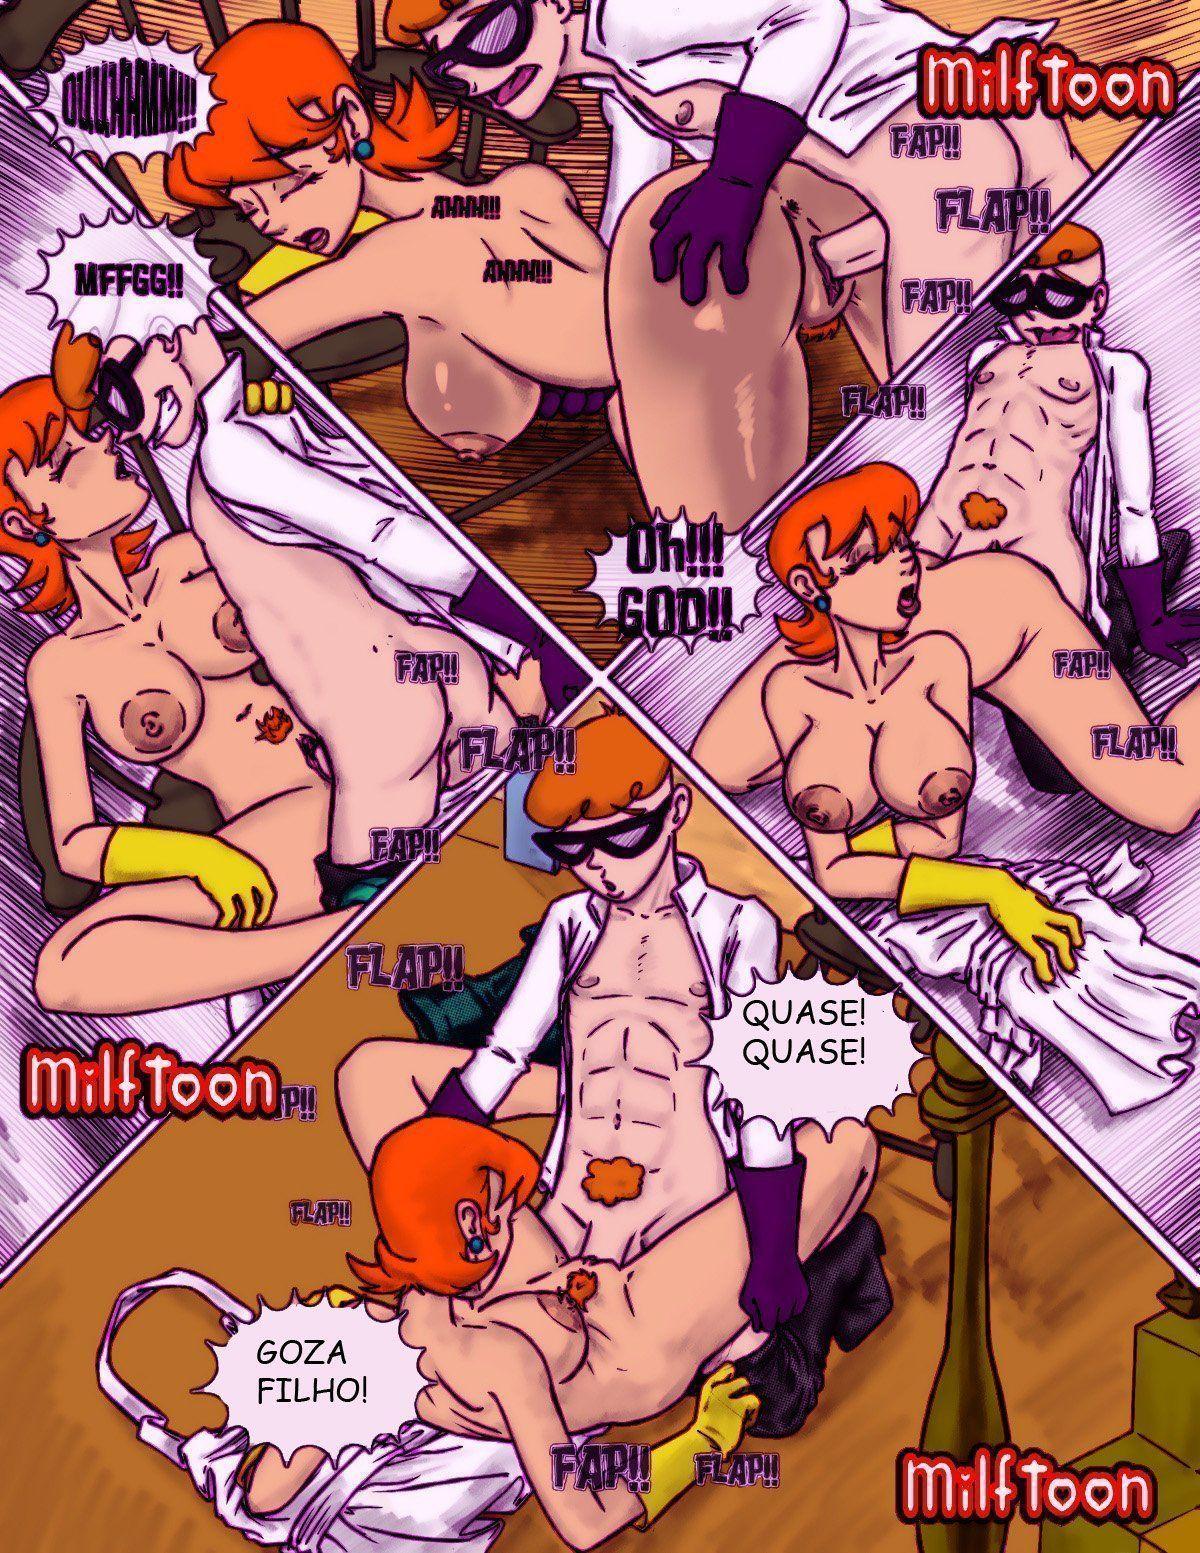 Dexter-Milftoon-Incesto-9